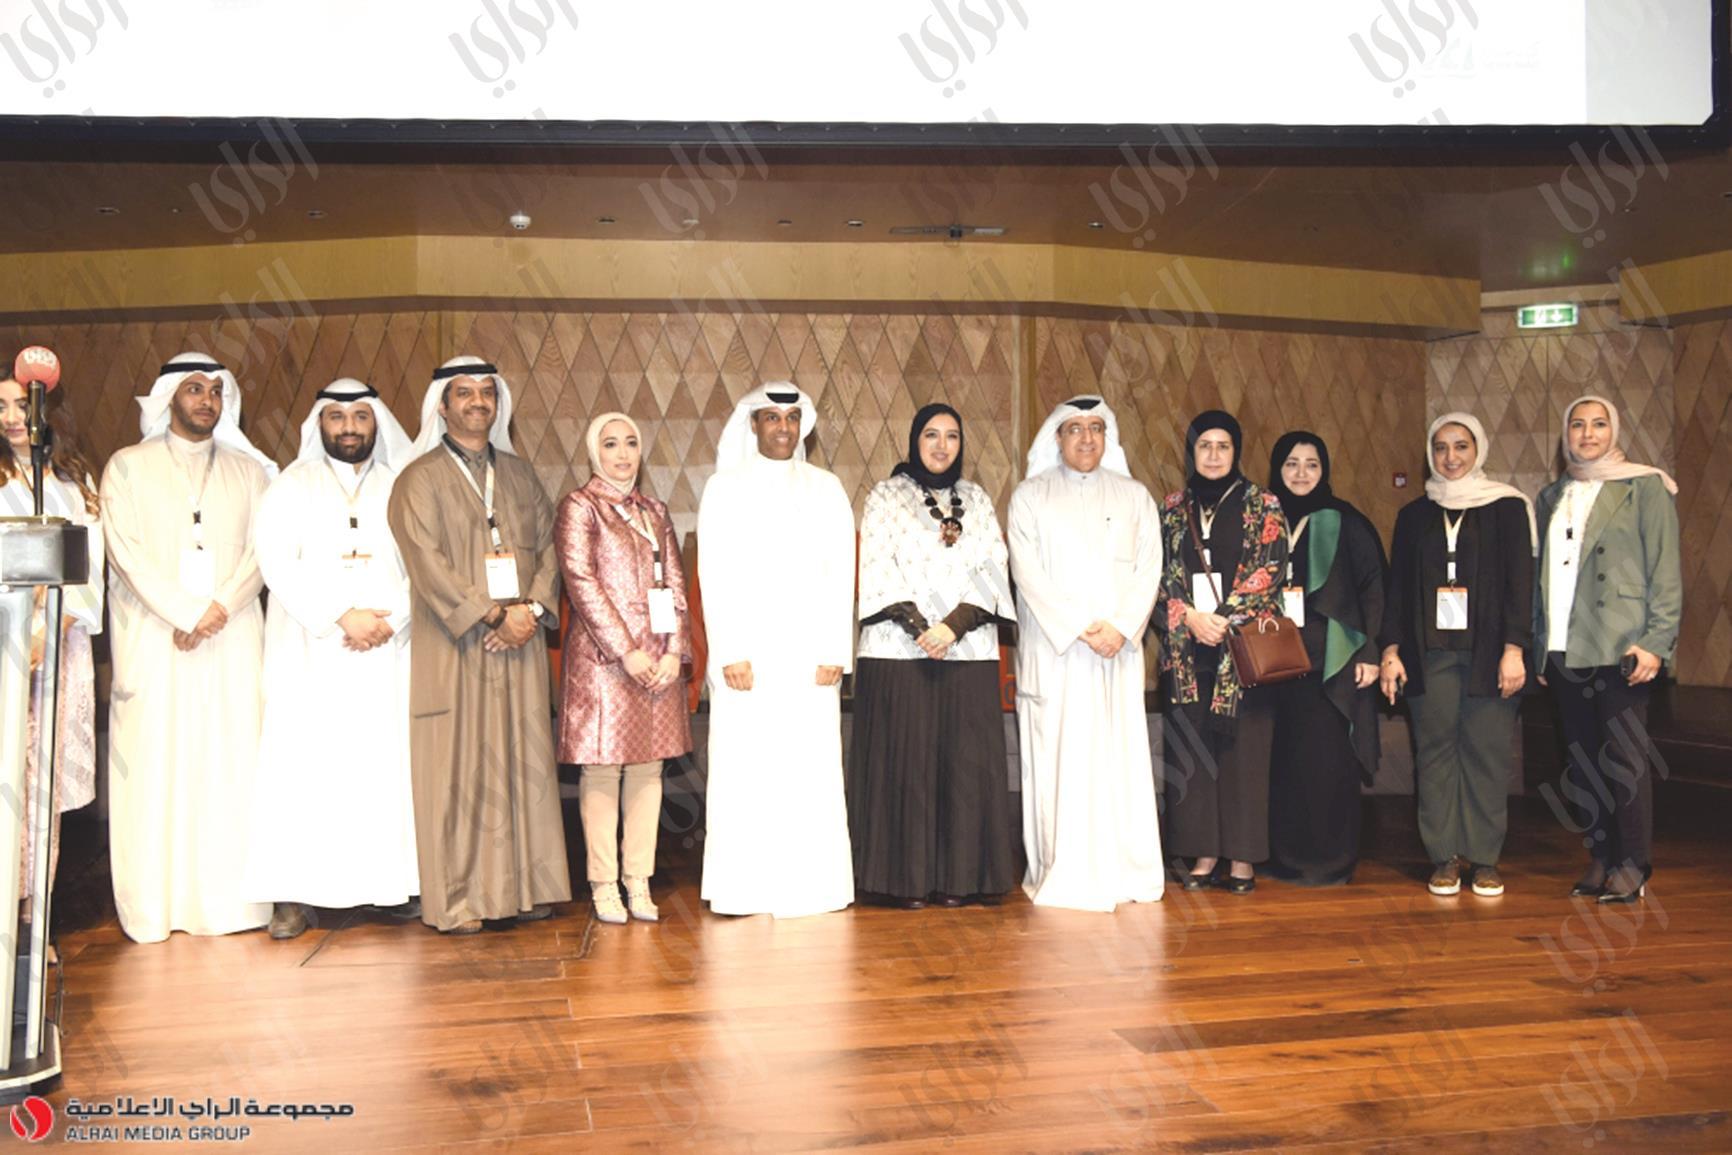 العقيل: التزام الكويت كامل بتمكين المرأة ... سياسياً واقتصادياً ومجتمعياً